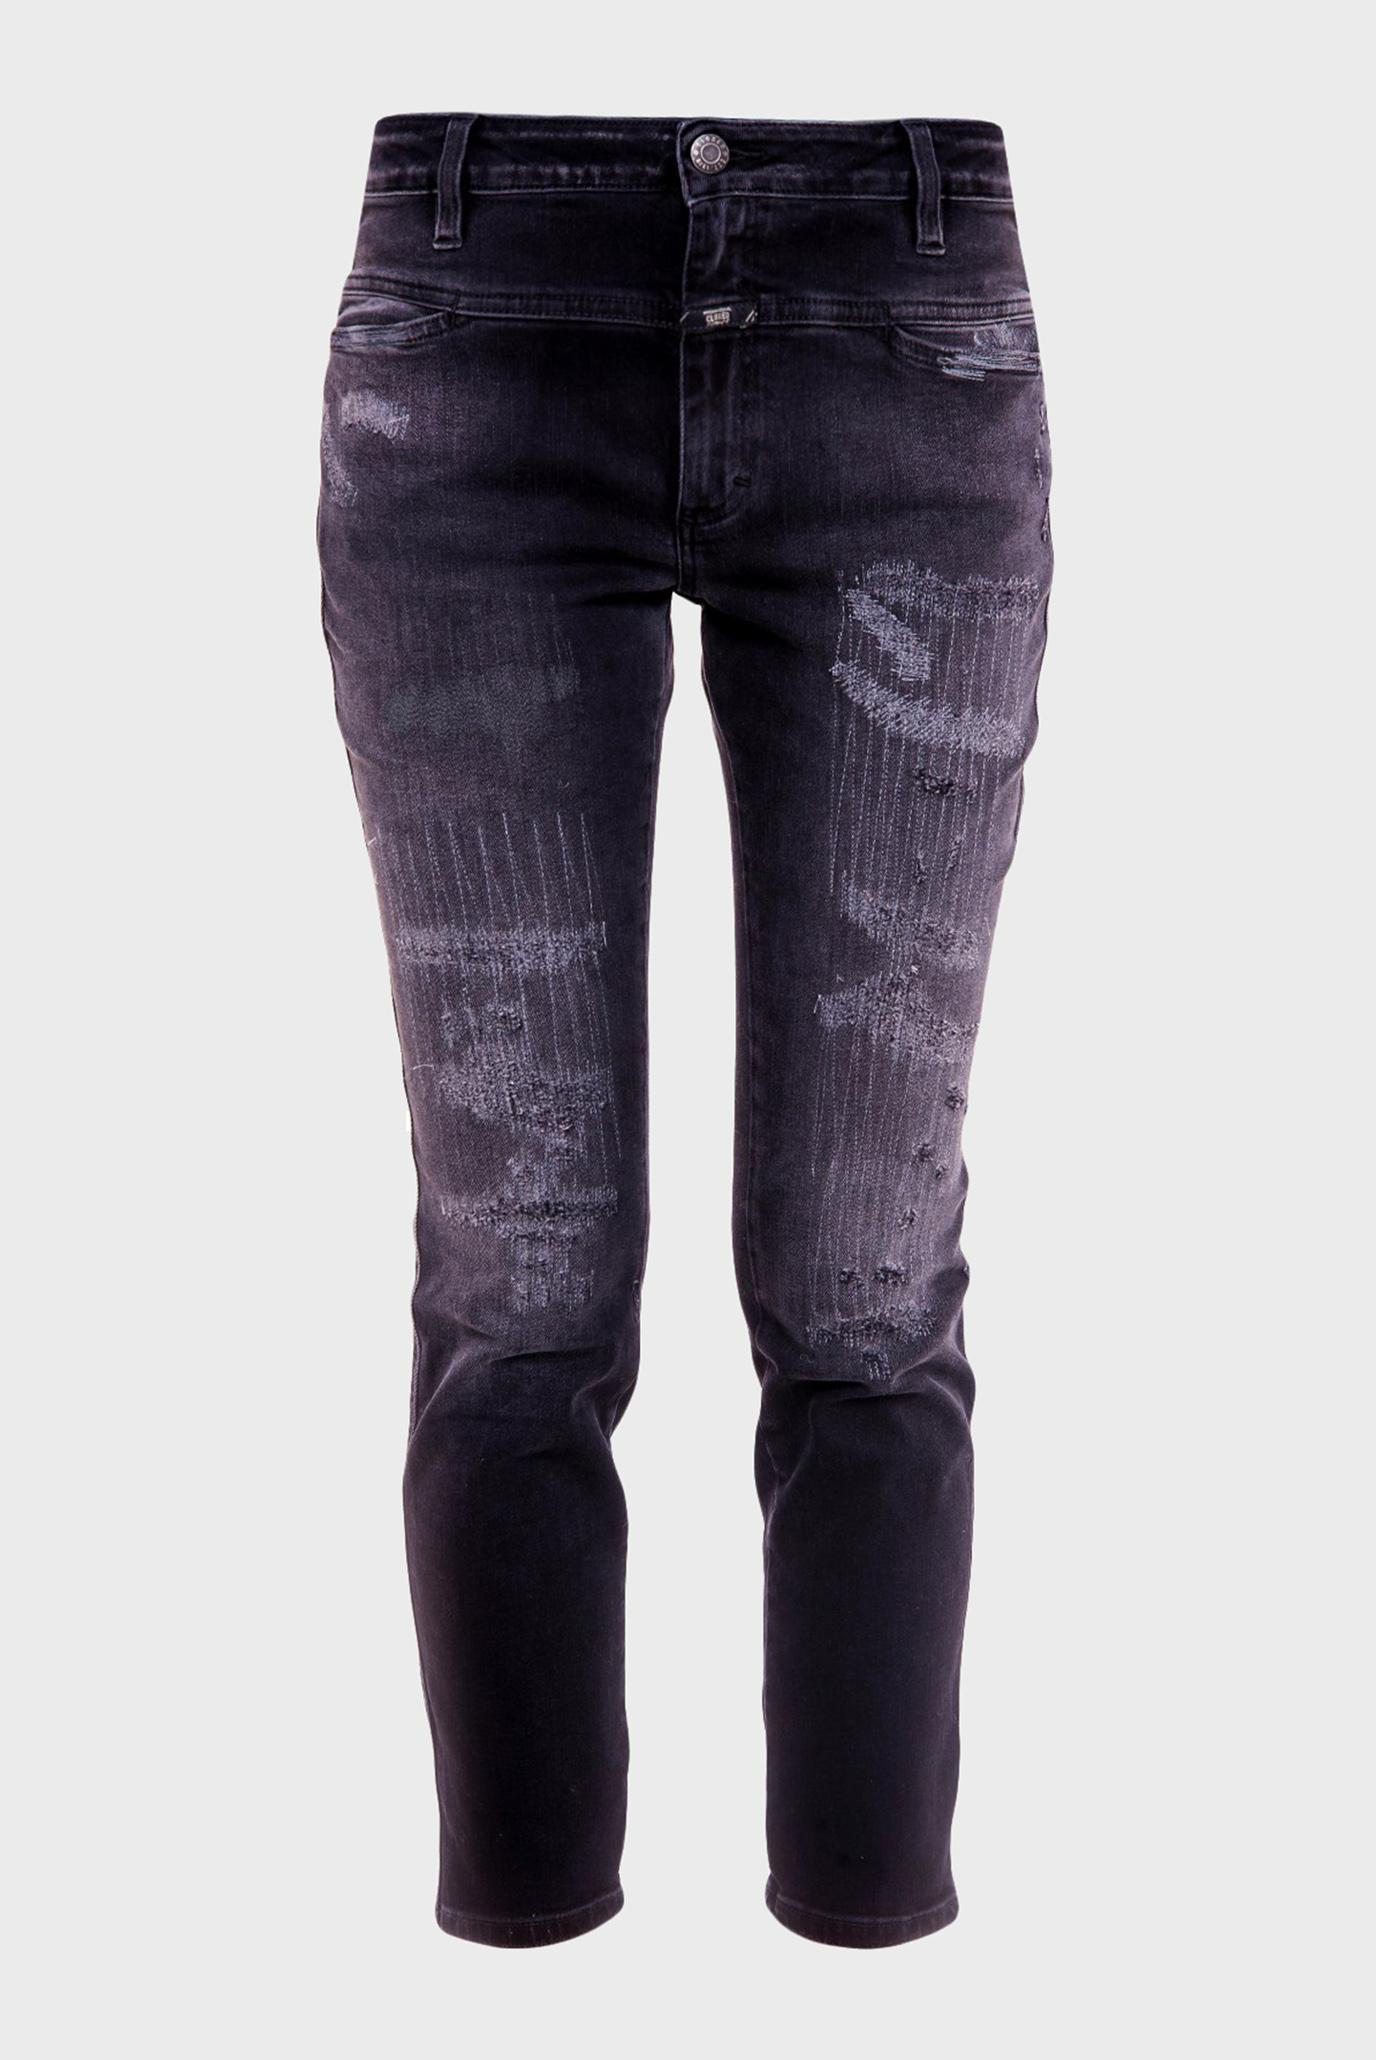 Купить Женские серые джинсы CROPPED WORKER Closed Closed C91085-021-NP-0NP – Киев, Украина. Цены в интернет магазине MD Fashion